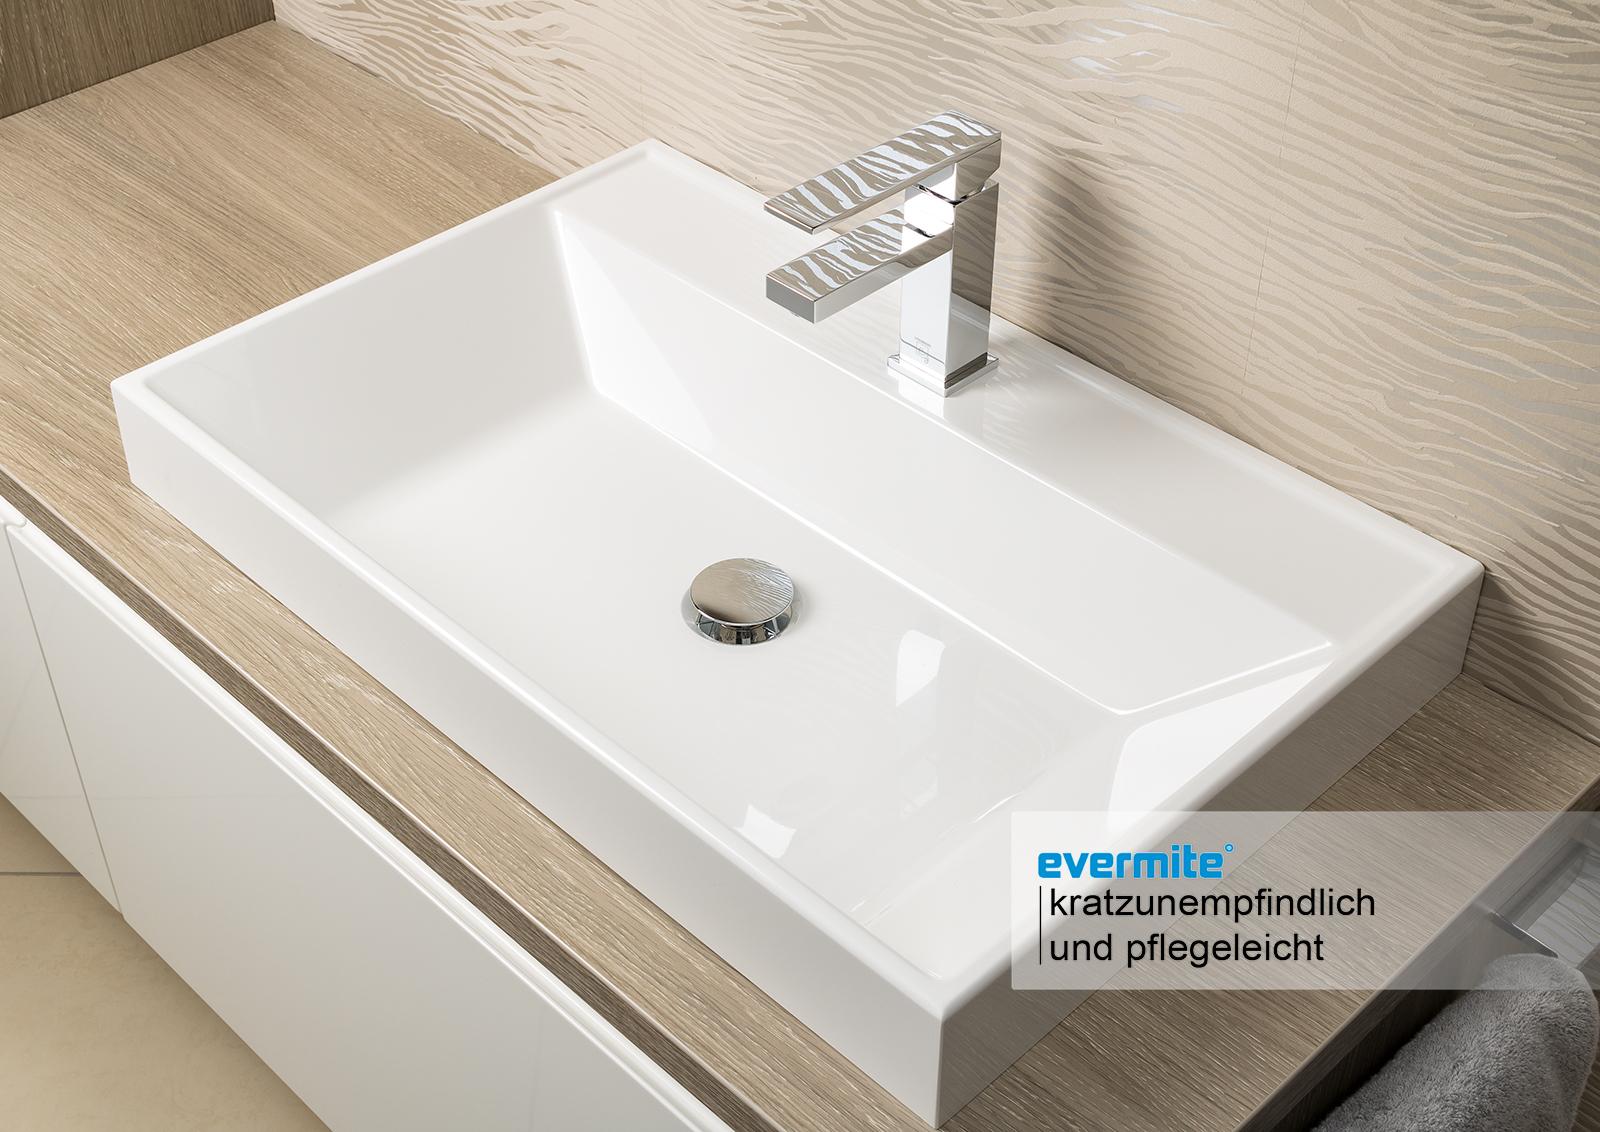 badm bel waschtischplatte nach ma mit unterbau ohne aufsatzbecken. Black Bedroom Furniture Sets. Home Design Ideas